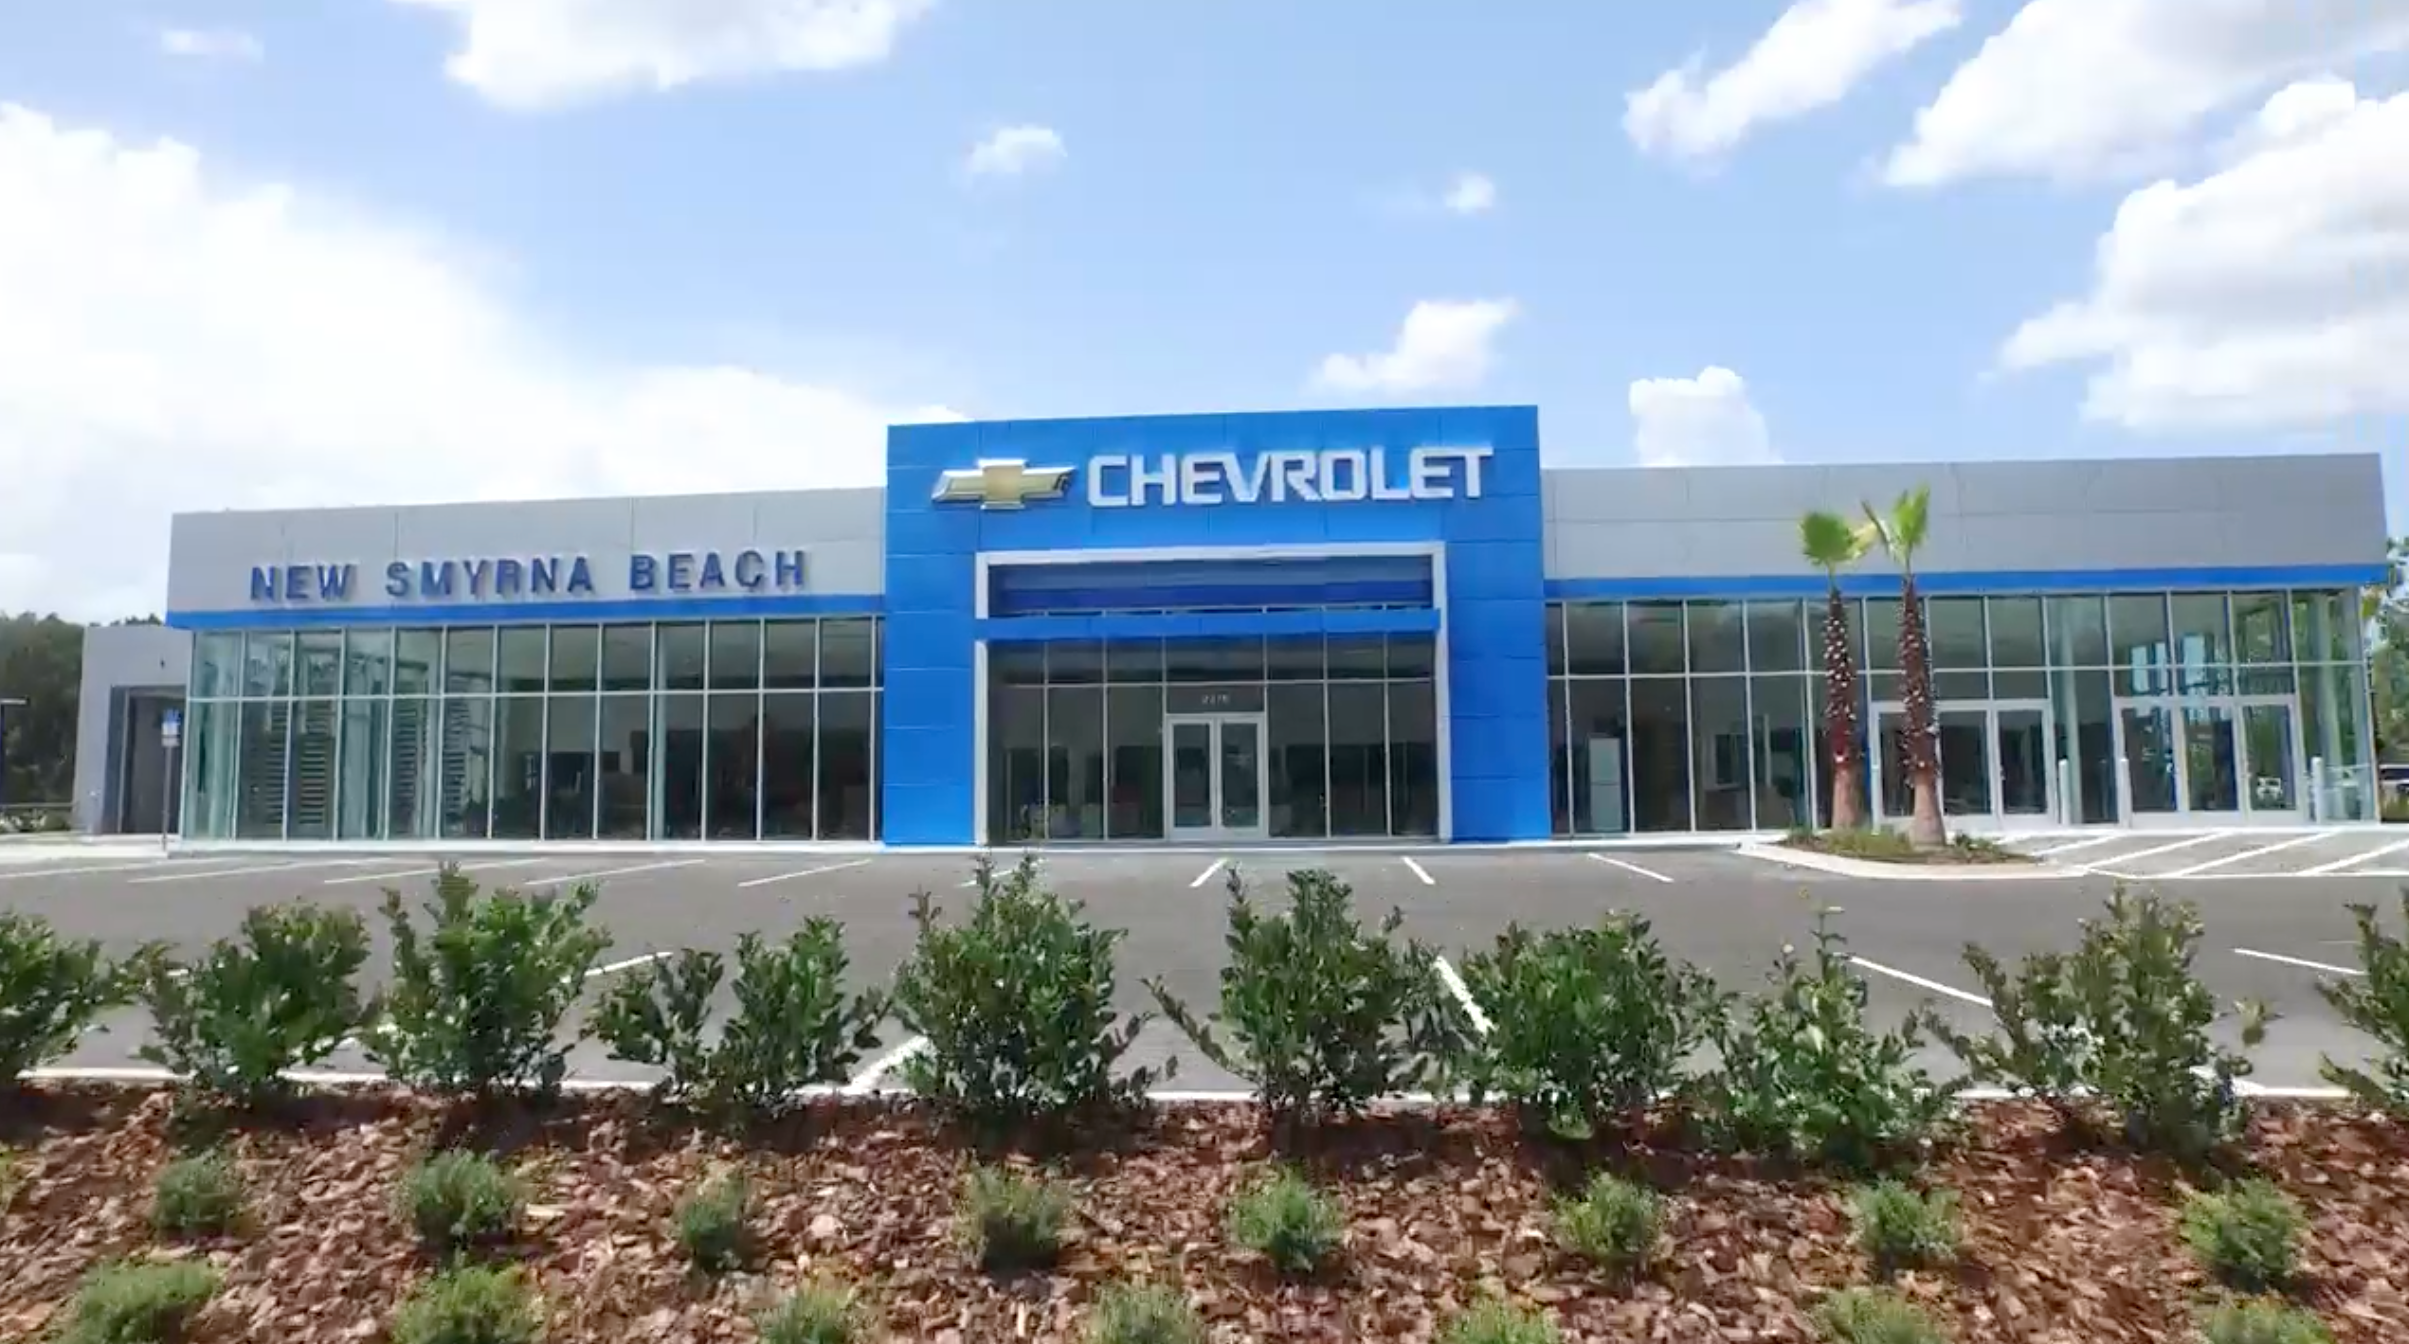 New Smyrna Beach Chevrolet image 0